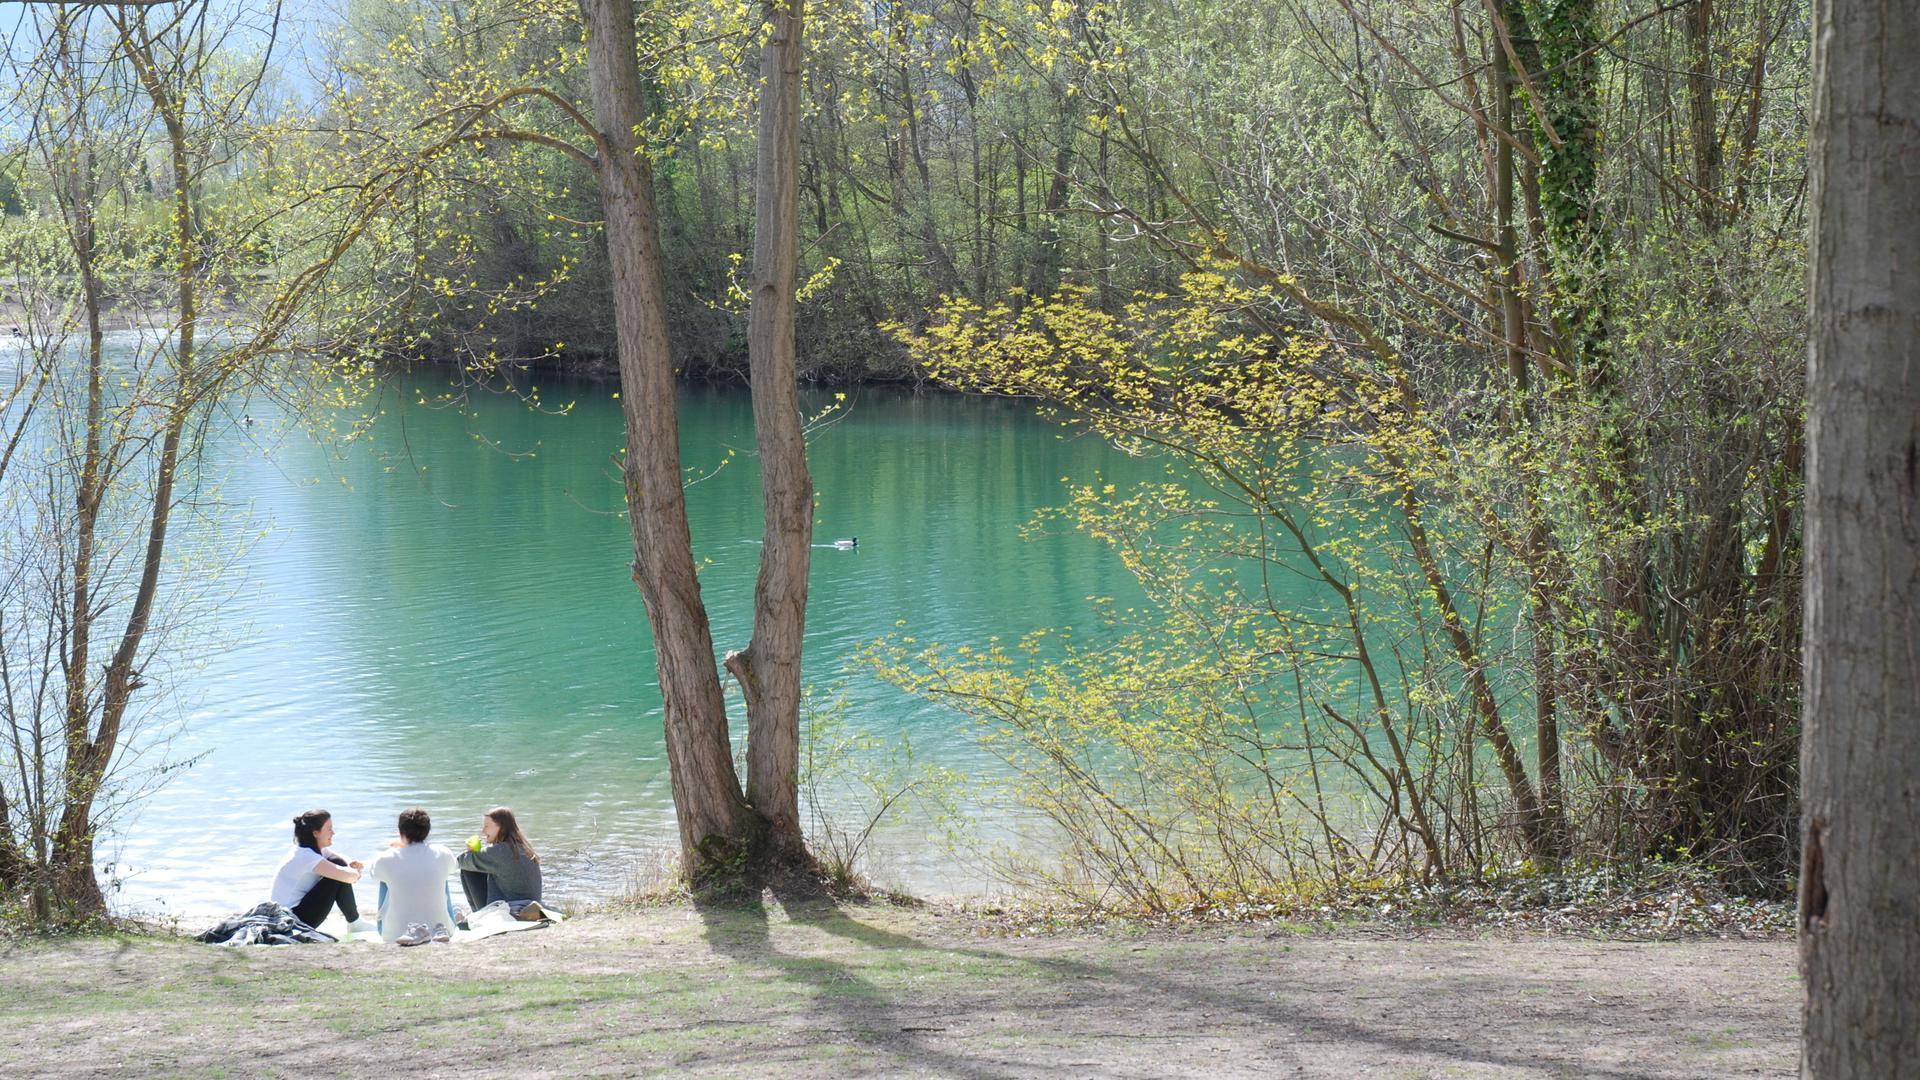 Türkisfarbenes Wasser, schöner Baumbestand: Der Baggersee in Untergrombach hat einen enormen Freizeitwert.